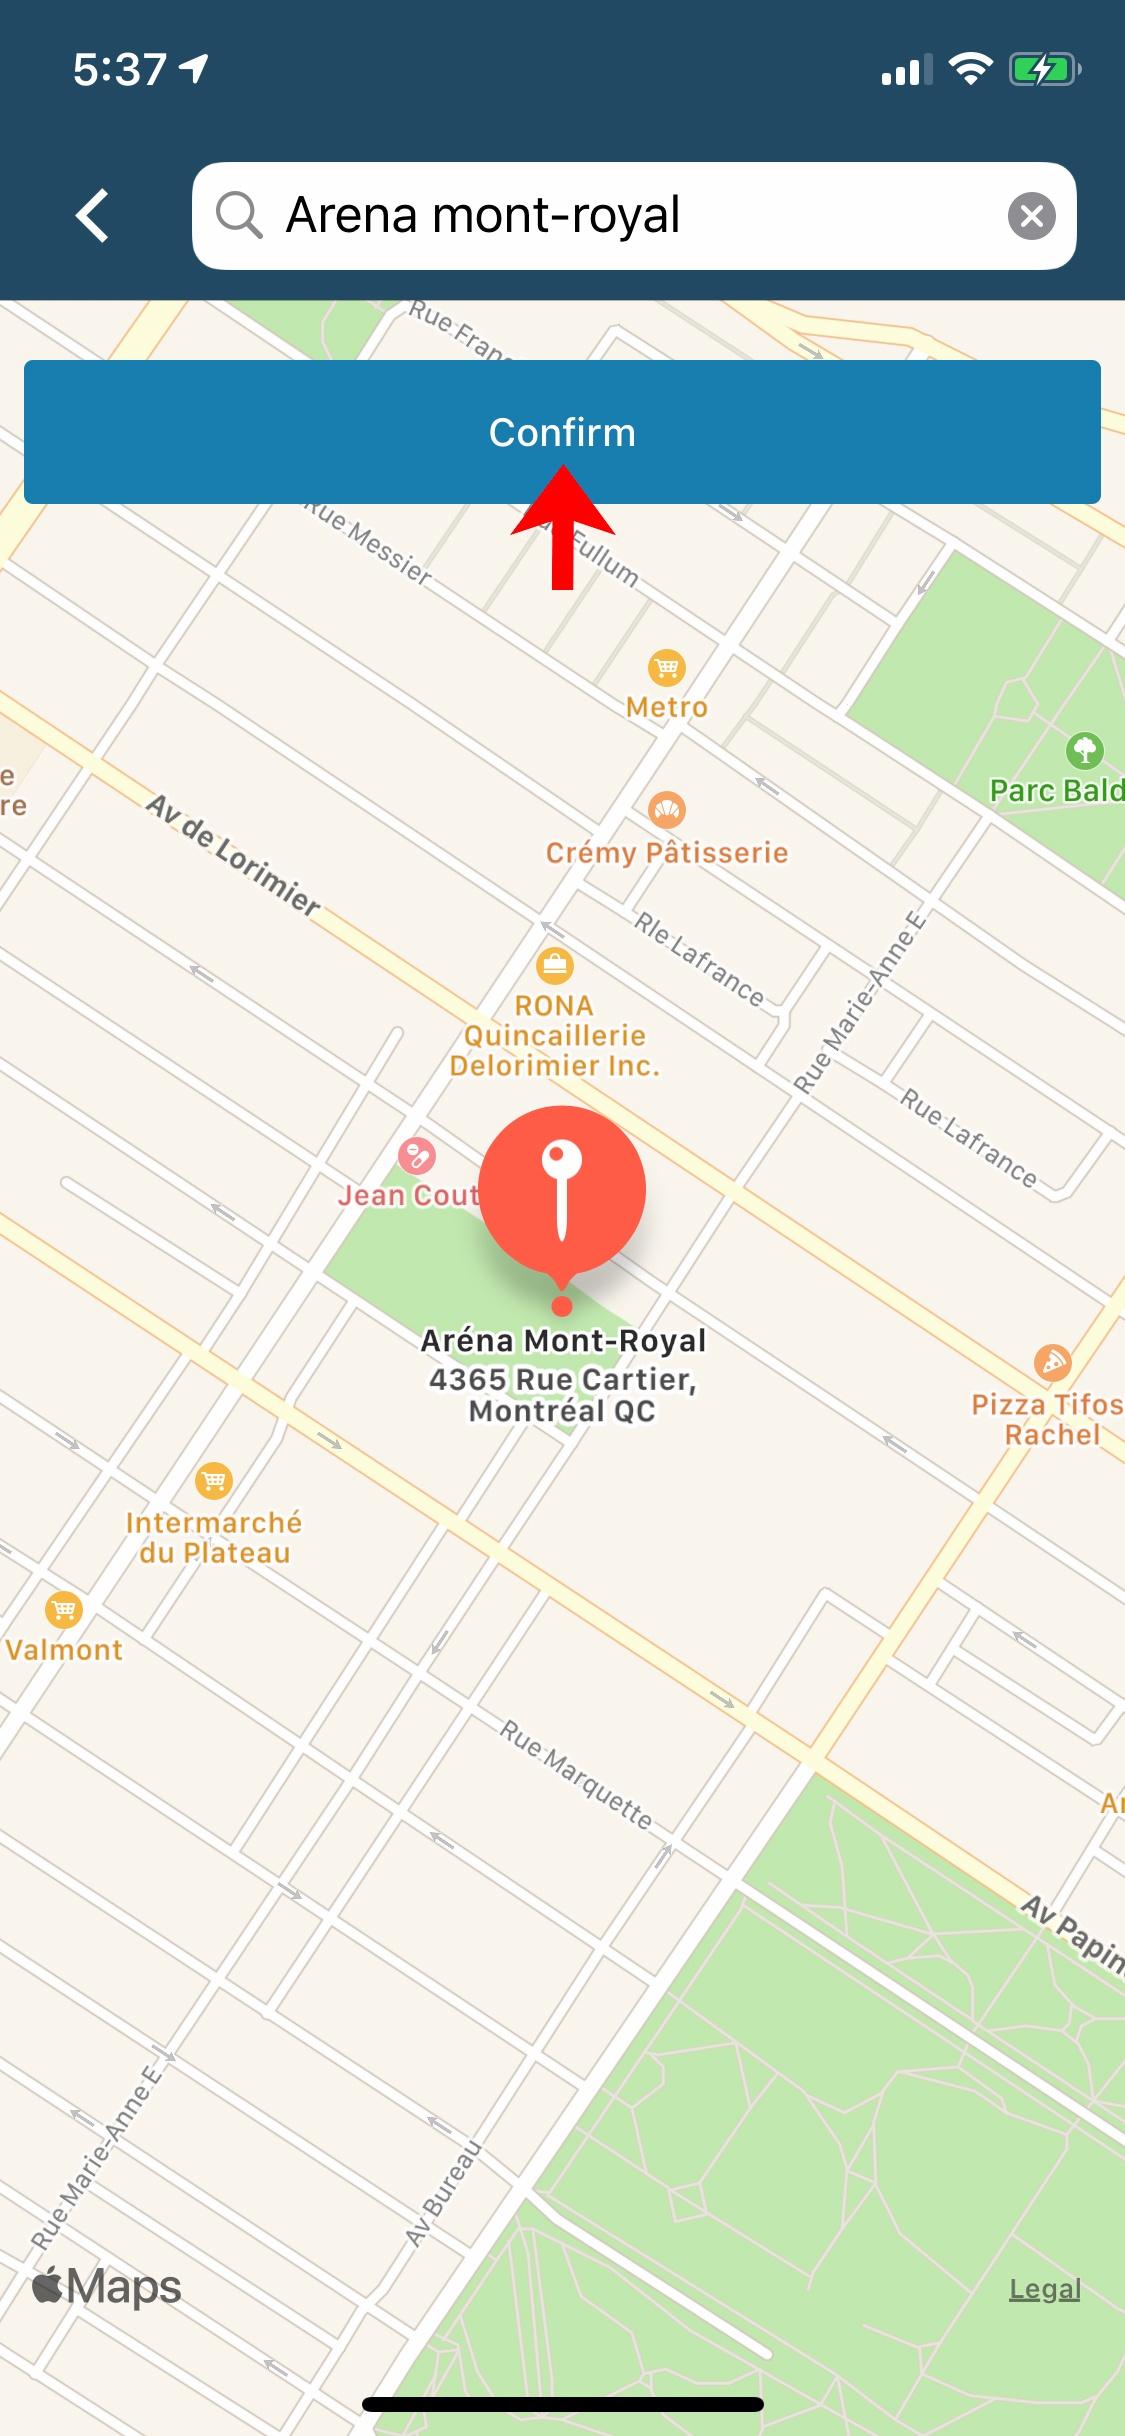 venue-search-confirm